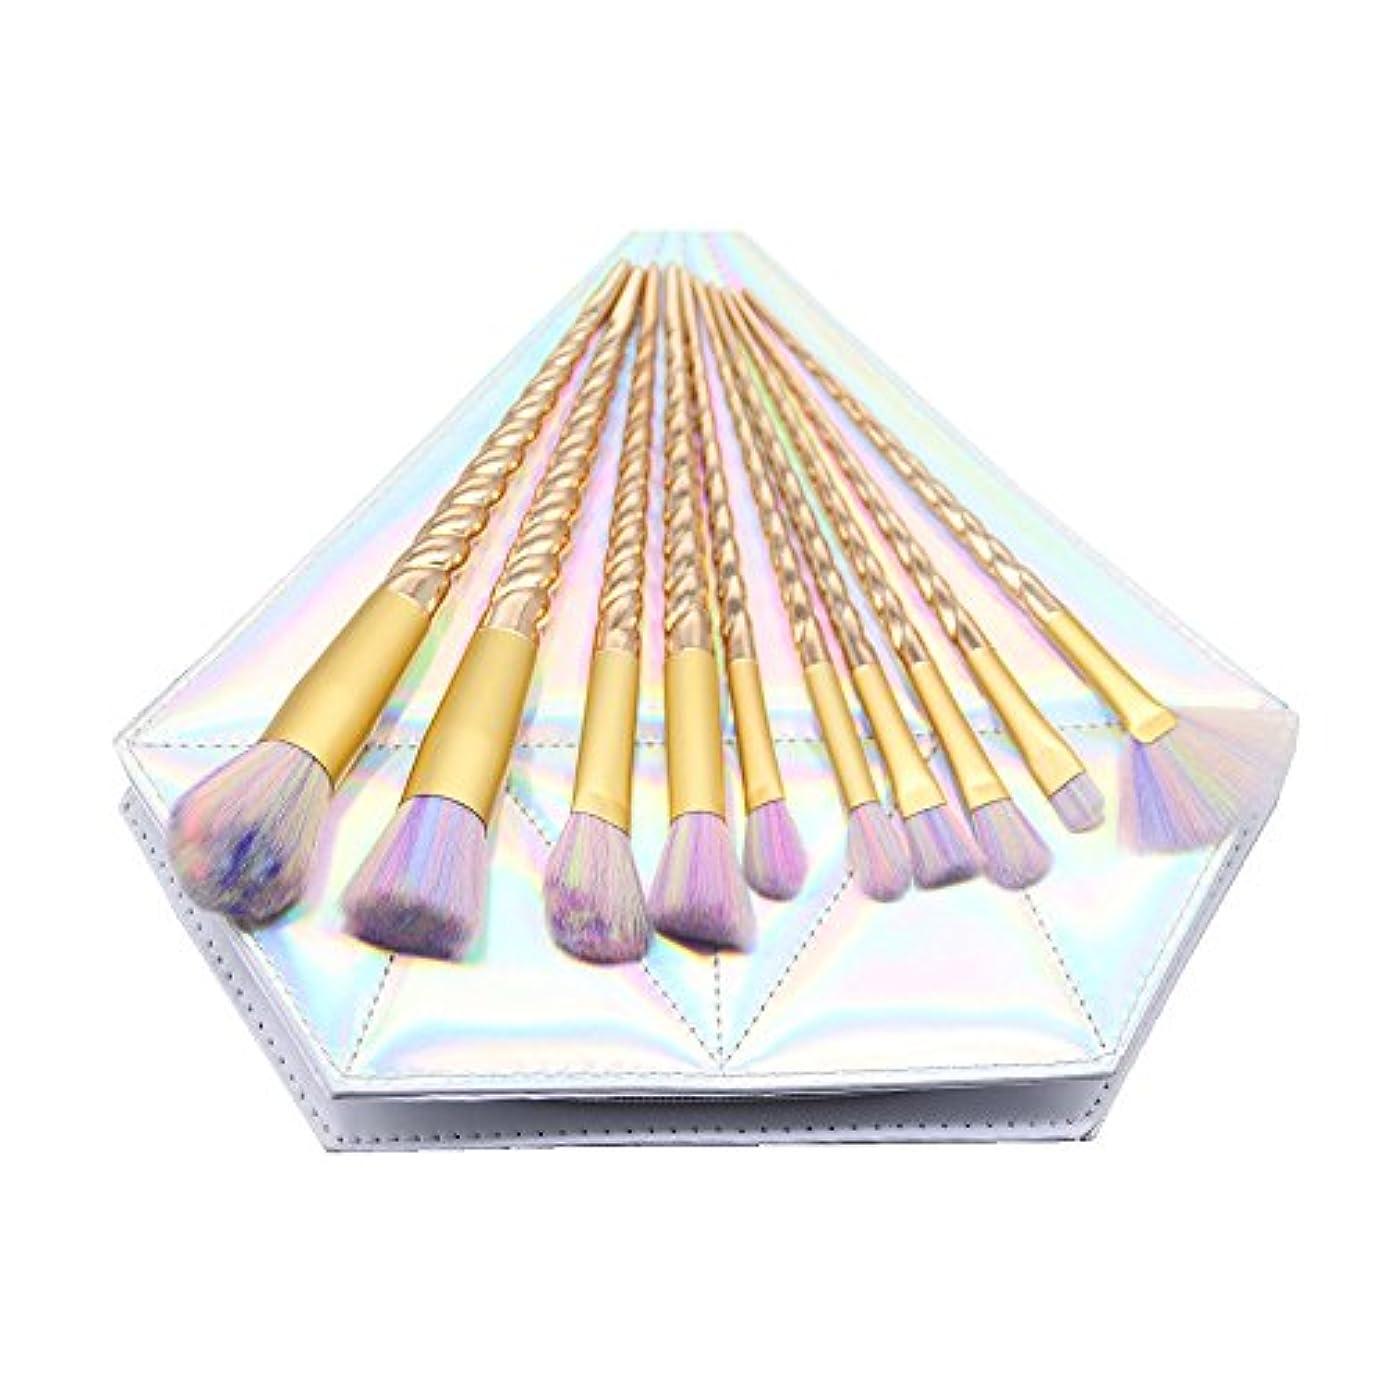 情熱規模怠感Dilla Beauty メイクブラシセット 10本セット ユニコーンデザイン プラスチックハンドル 合成毛 ファンデーションブラシ アイシャドーブラッシャー 美容ツール 化粧品のバッグ付き